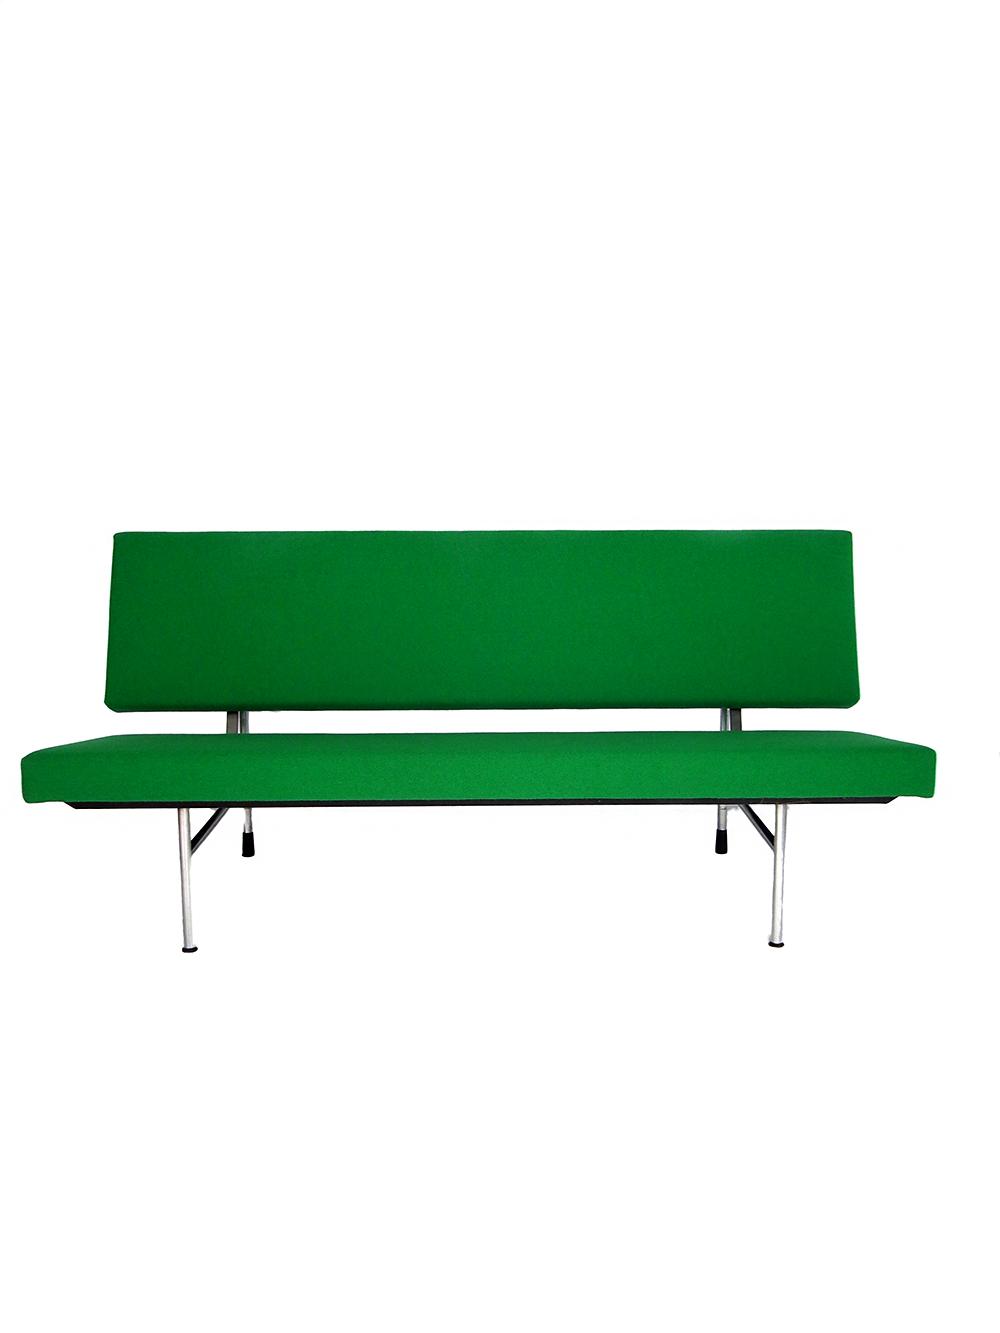 Gispen sofa model 1720